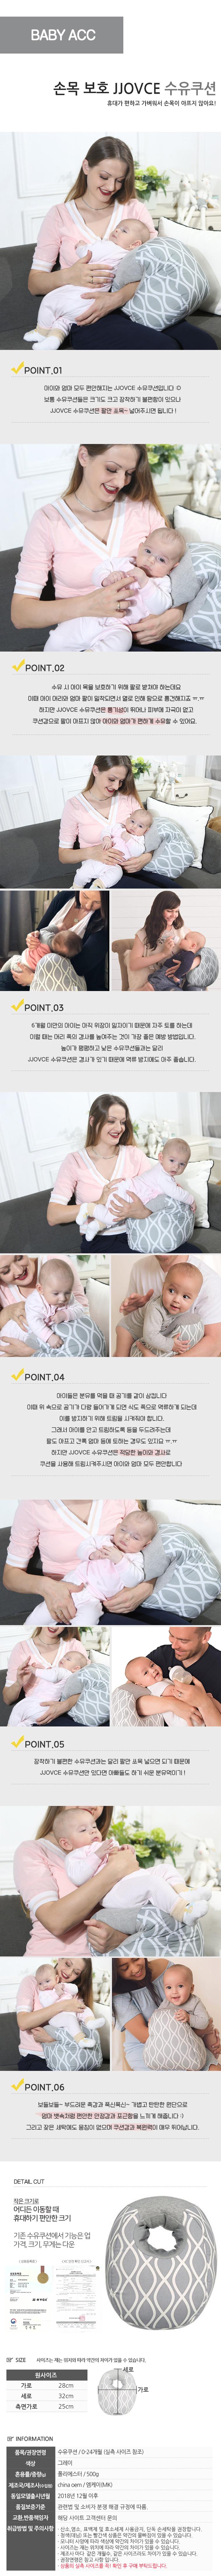 손목 보호 JJOVCE 수유쿠션 203699 - 조이멀티, 25,700원, 수유용품, 수유쿠션